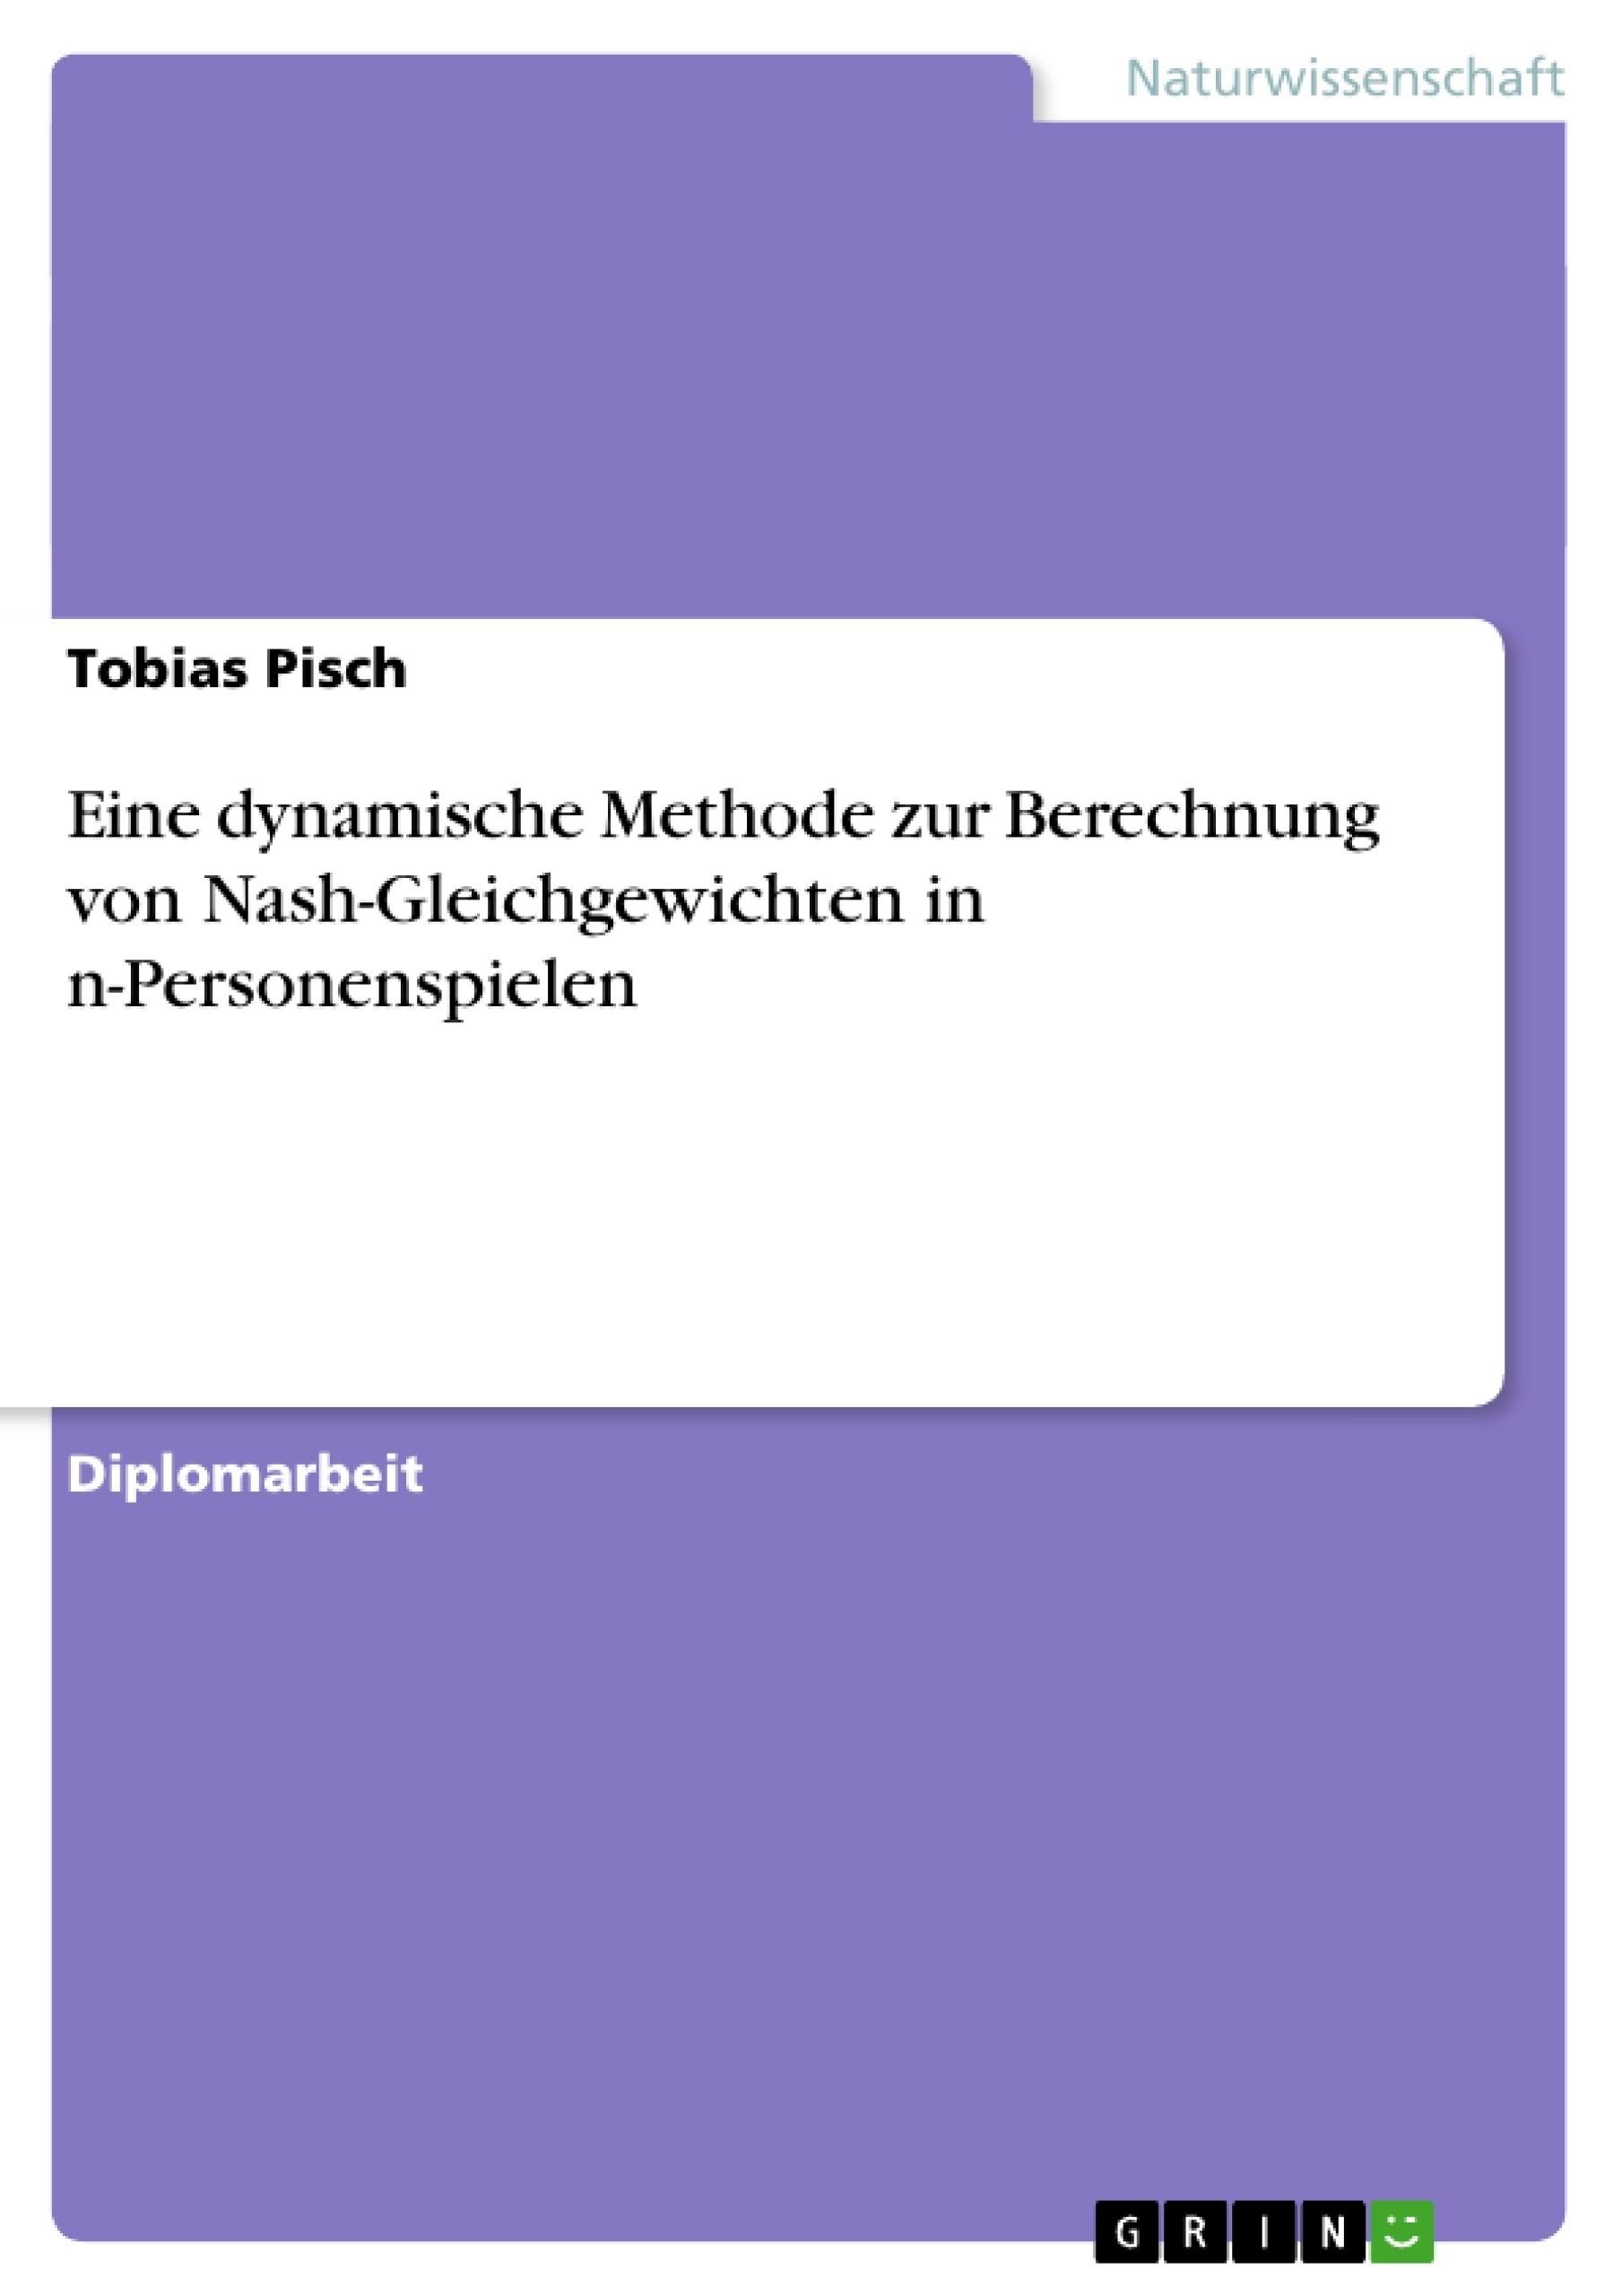 Titel: Eine dynamische Methode zur Berechnung von Nash-Gleichgewichten in n-Personenspielen